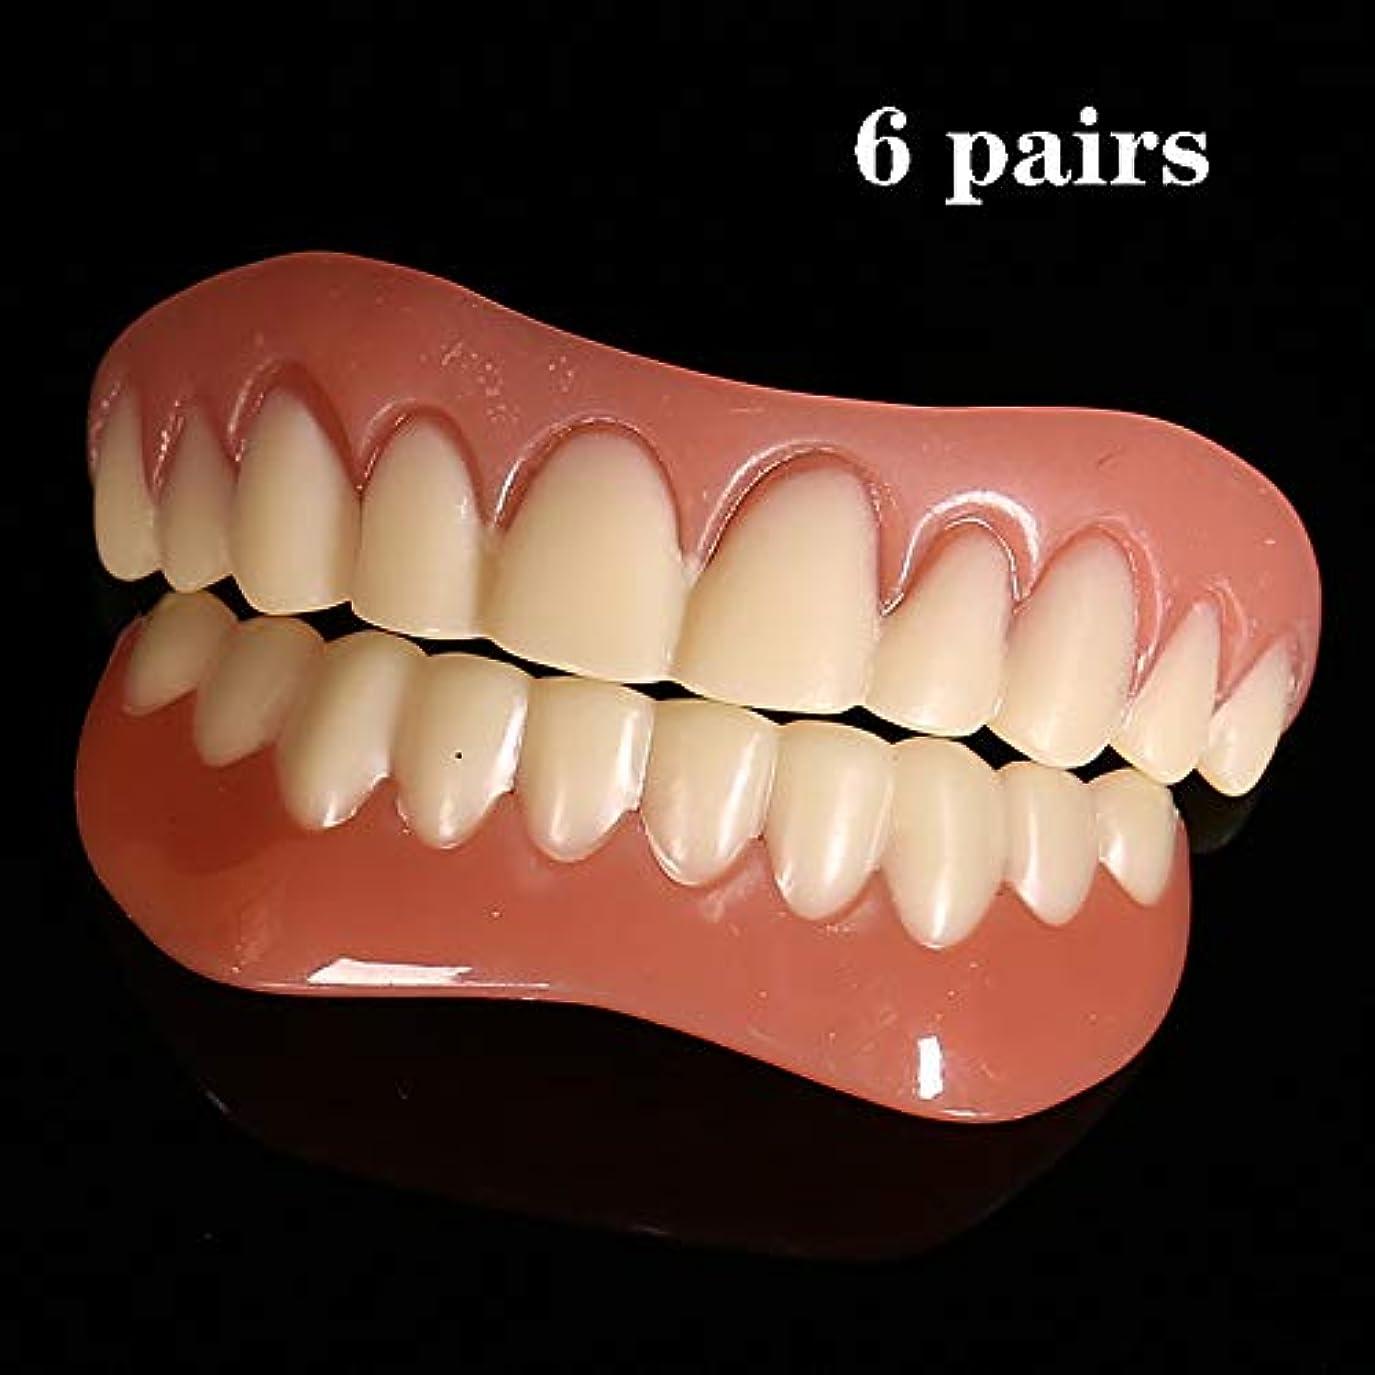 免除する消毒する上院歯のベニヤ化粧品の歯スナップオンセキュア6ペア上下の快適さフィット歯のベニヤセキュアインスタントスマイル化粧品ワンサイズ全ての義歯ケアツールにフィット